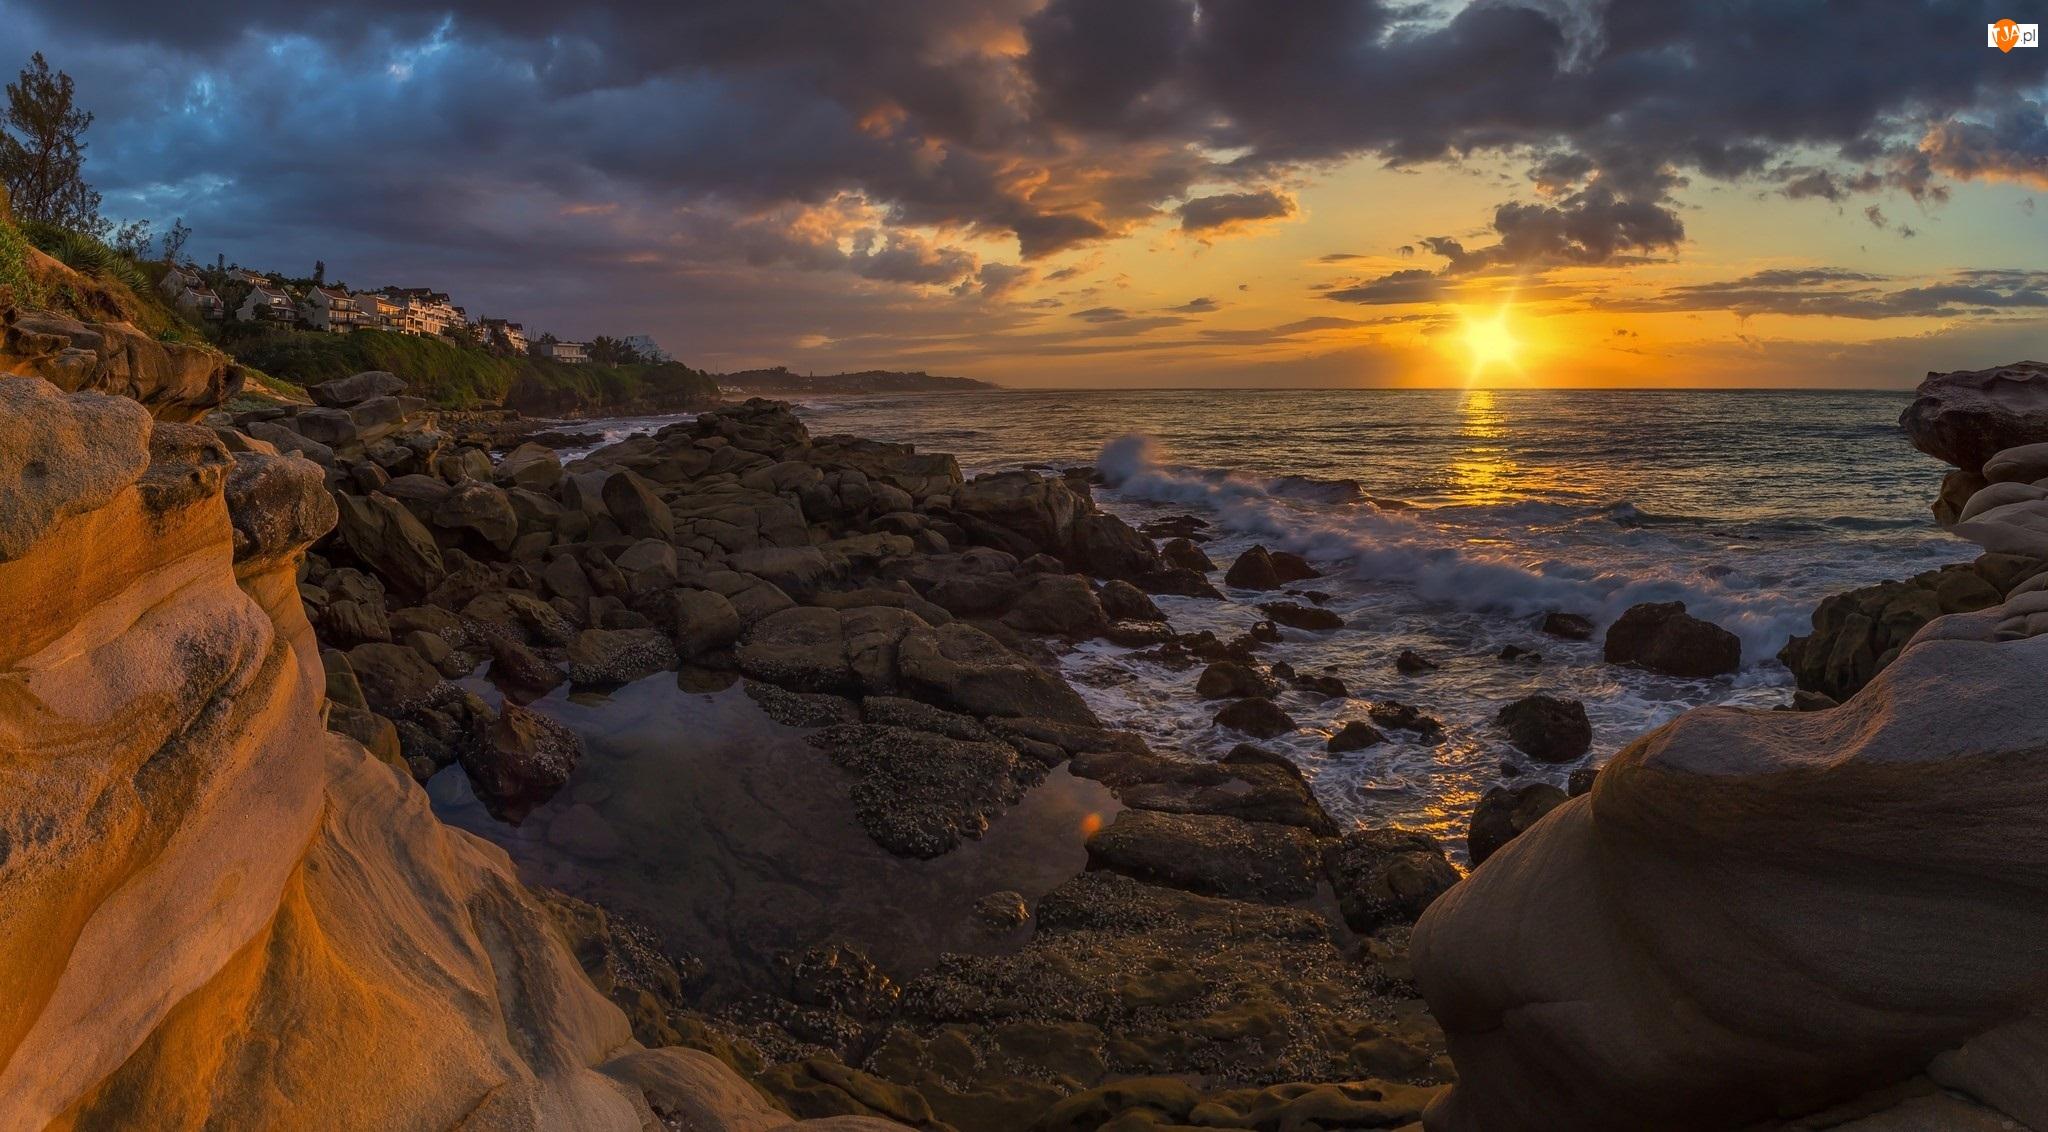 Kamienie, Domy, Morze, Zachód słońca, Brzeg, Skały